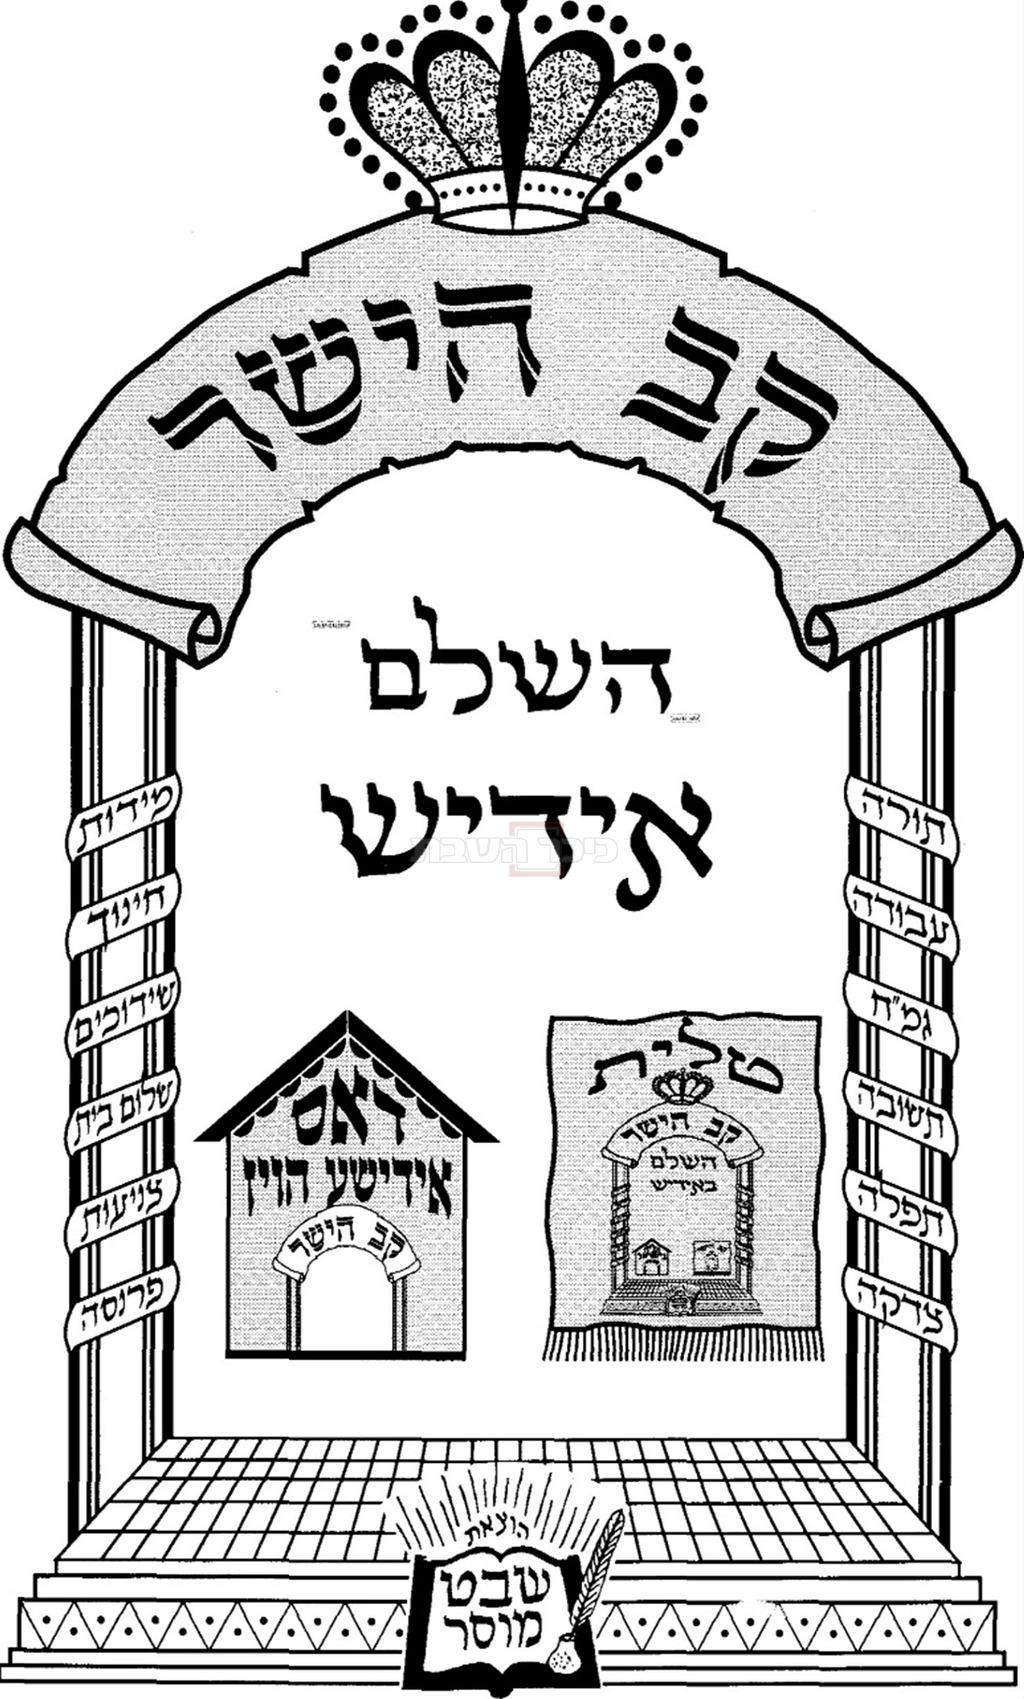 מהדורה באידיש של ספר 'קב הישר' באידיש (באדיבות אוצר החכמה)